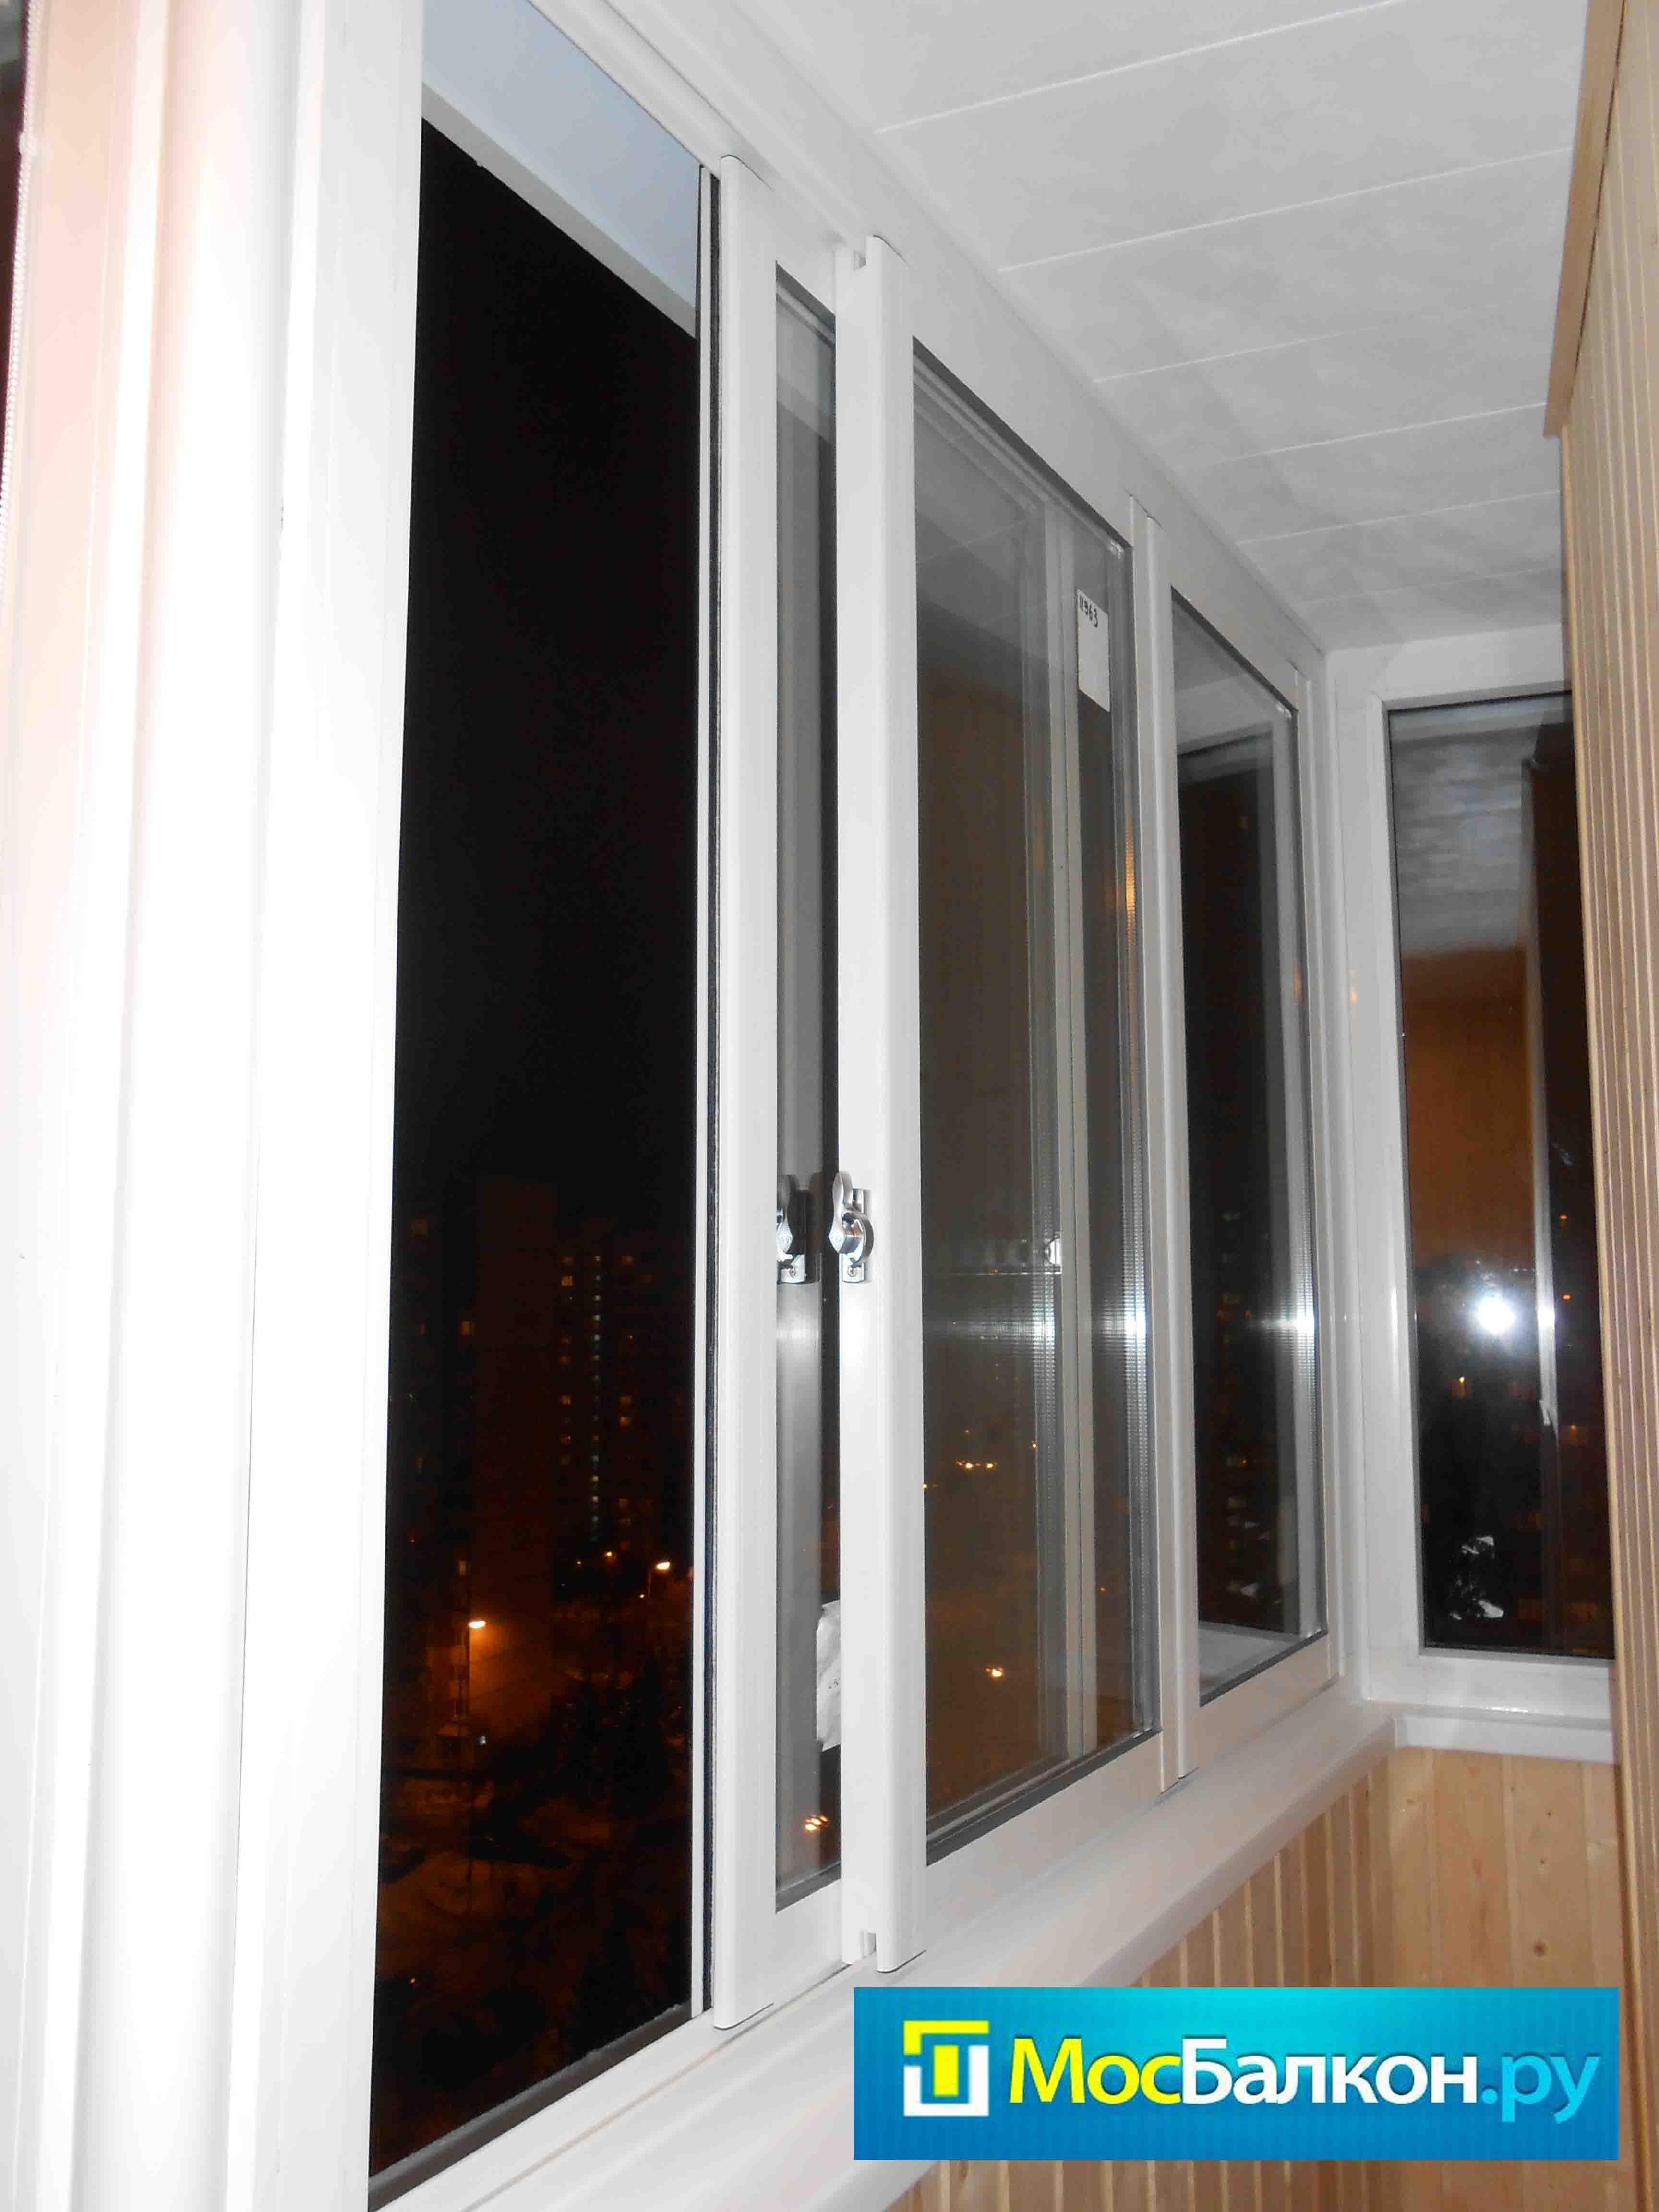 Остекление раздвижными окнами slidors (пвх).